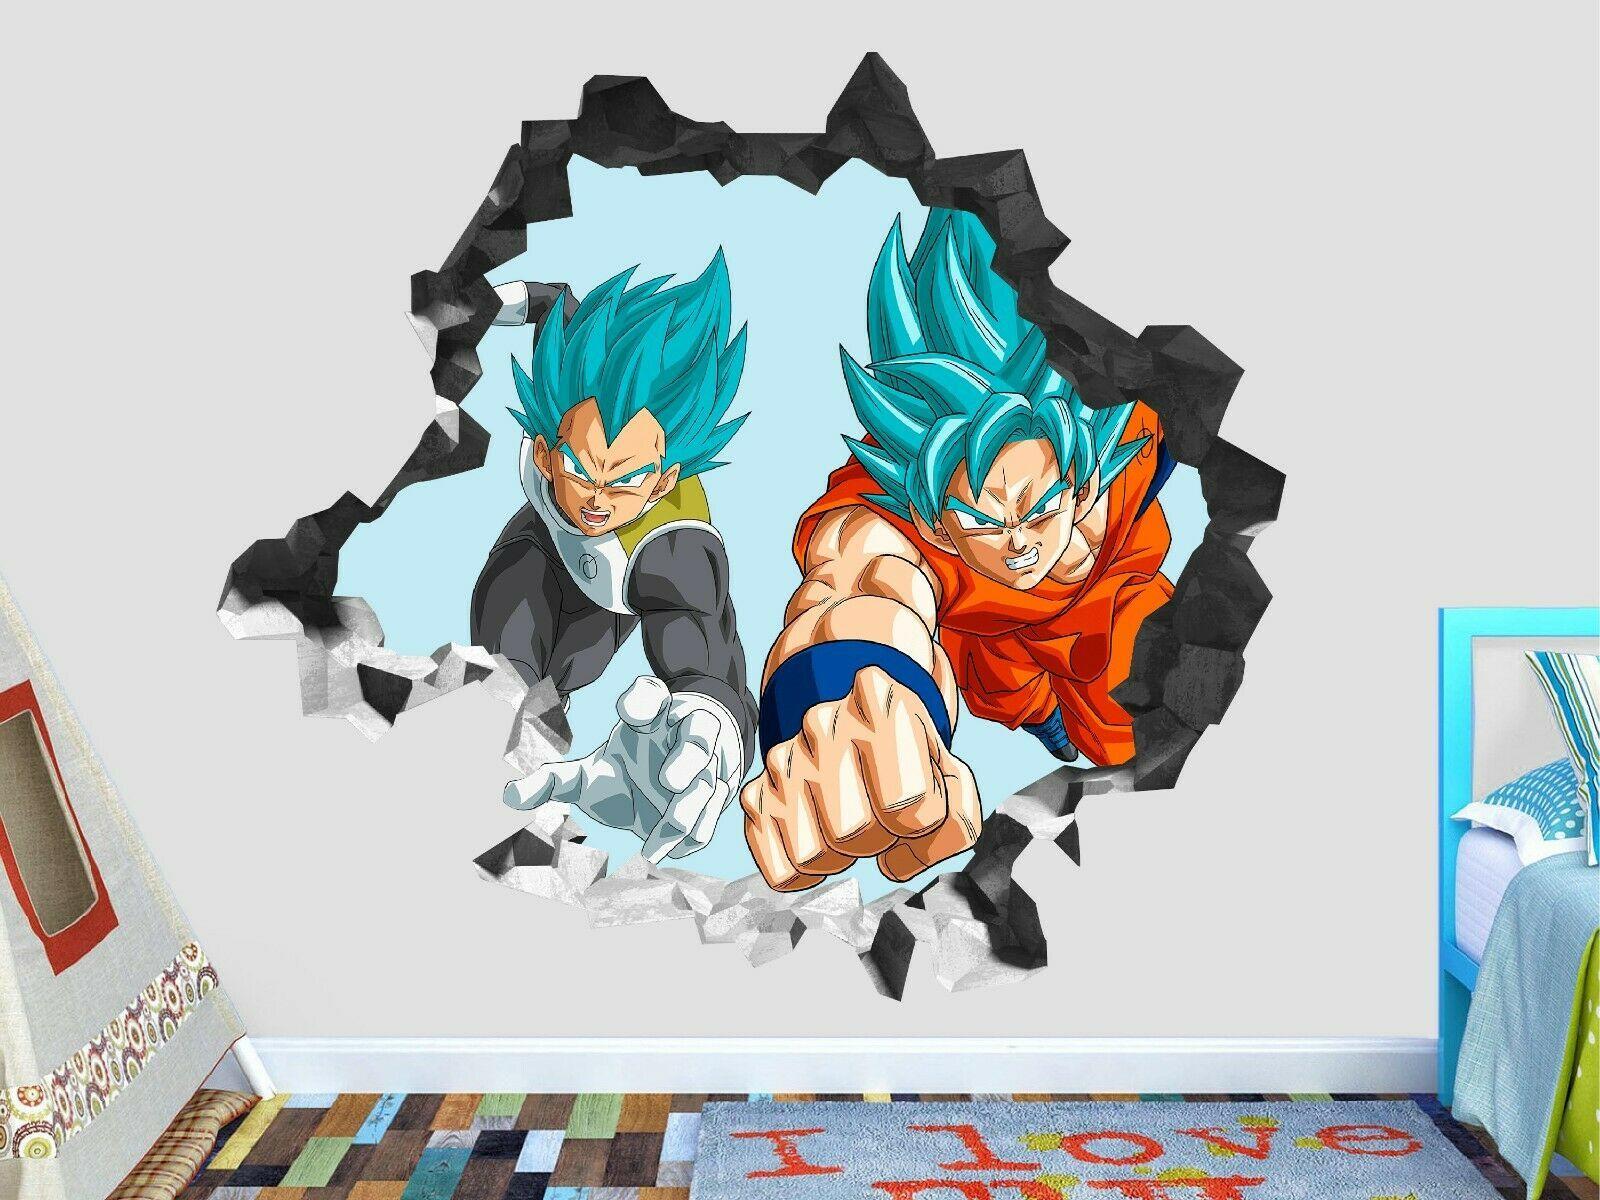 Dragon Ball Z Vegeta Goku Wall Decal Decor Smashed 3d Sticker Art Vinyl Gs161 Ideas Of 3d Art 3dart Custom Wall Decals Sticker Wall Art Vinyl Decor